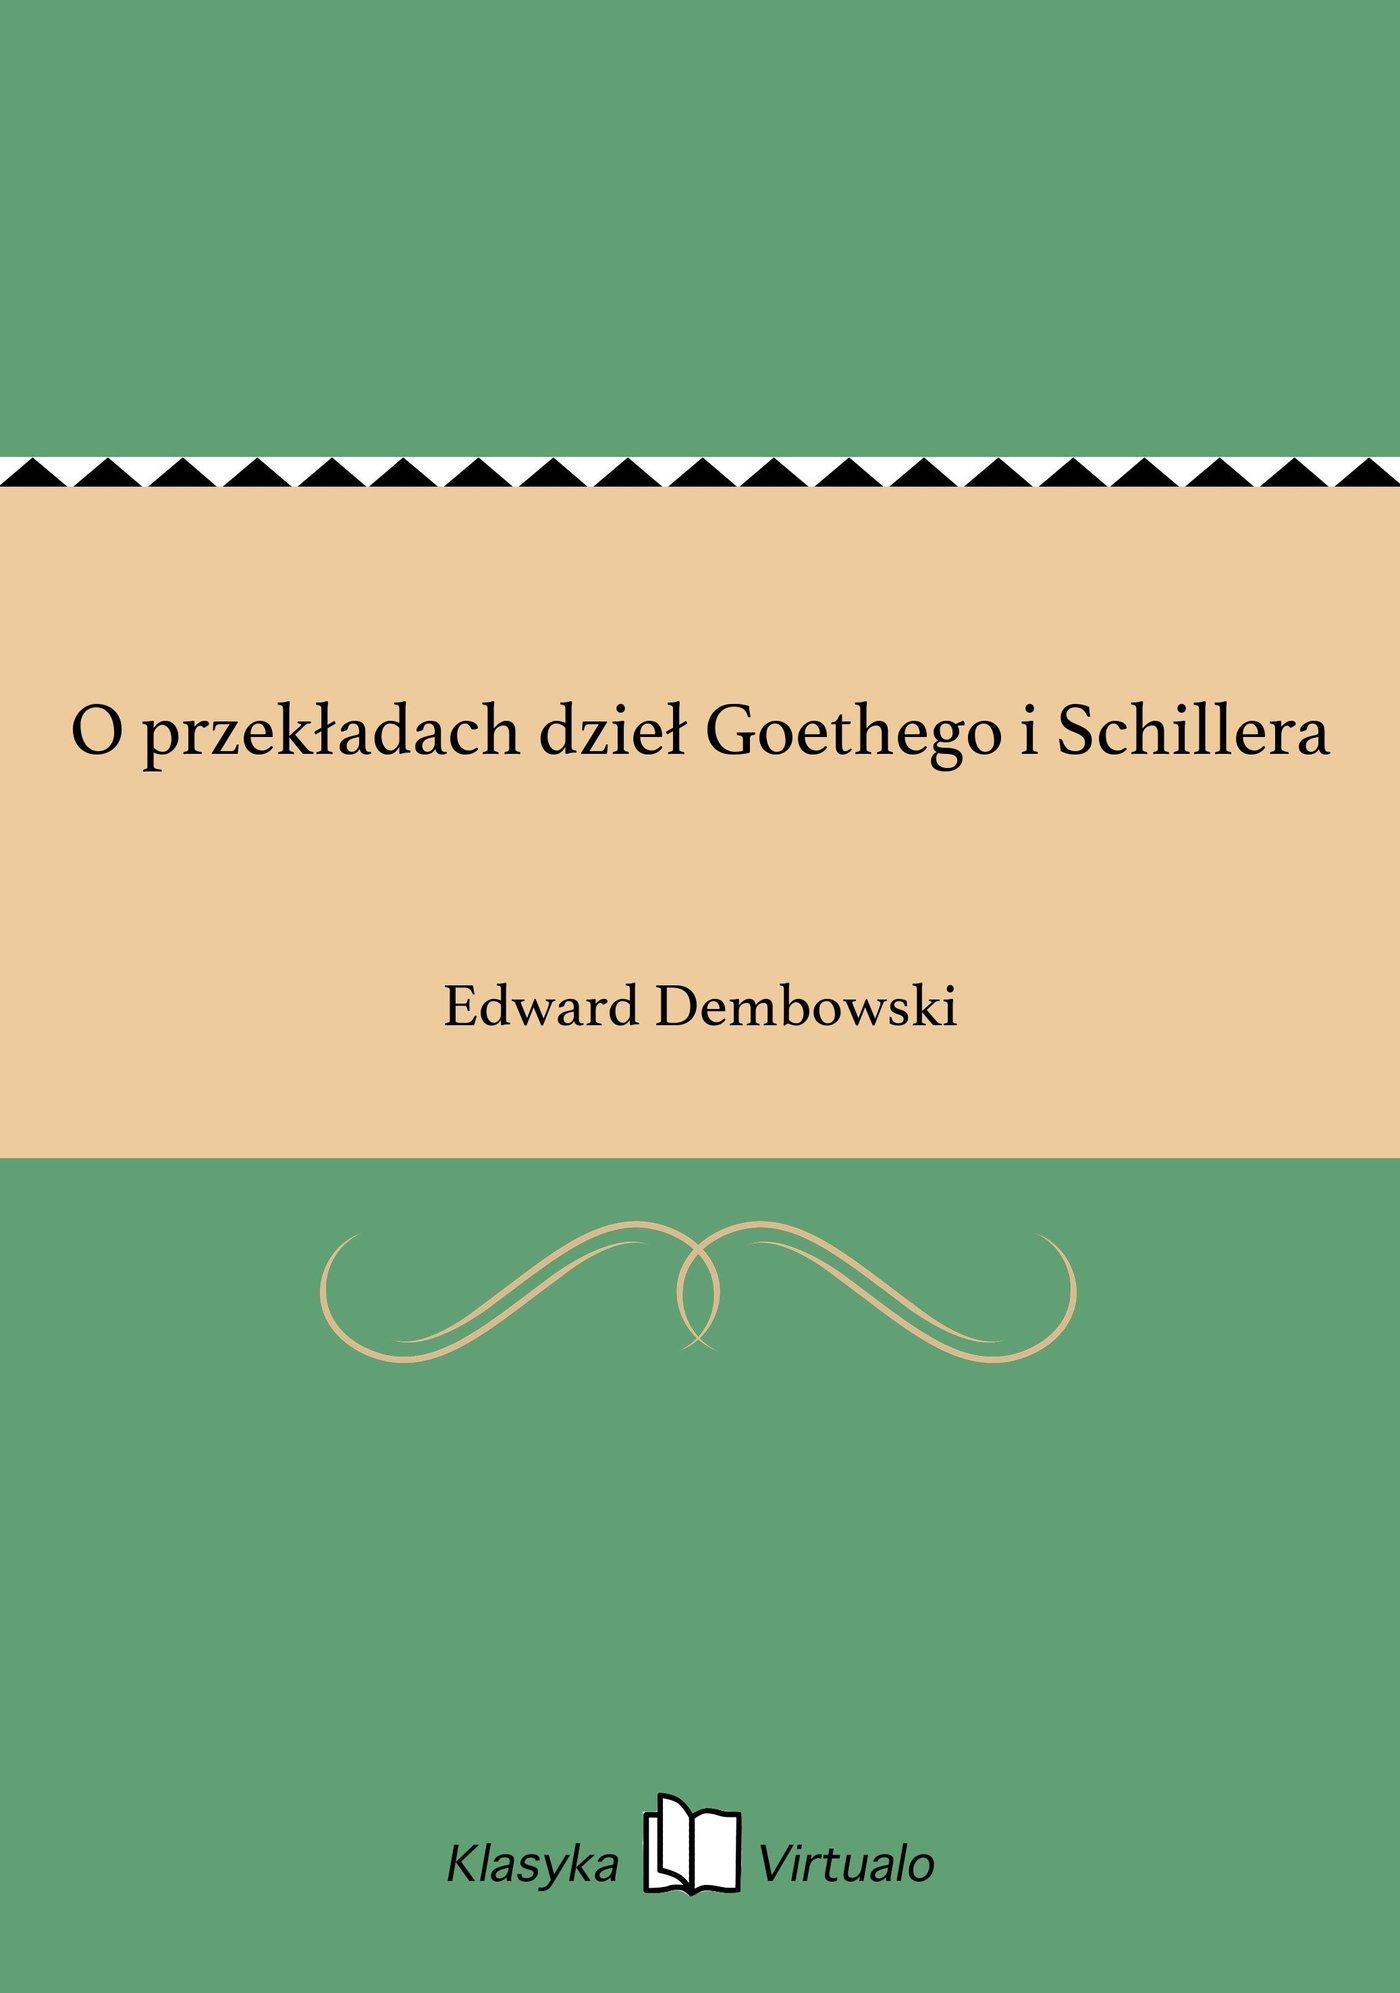 O przekładach dzieł Goethego i Schillera - Ebook (Książka na Kindle) do pobrania w formacie MOBI